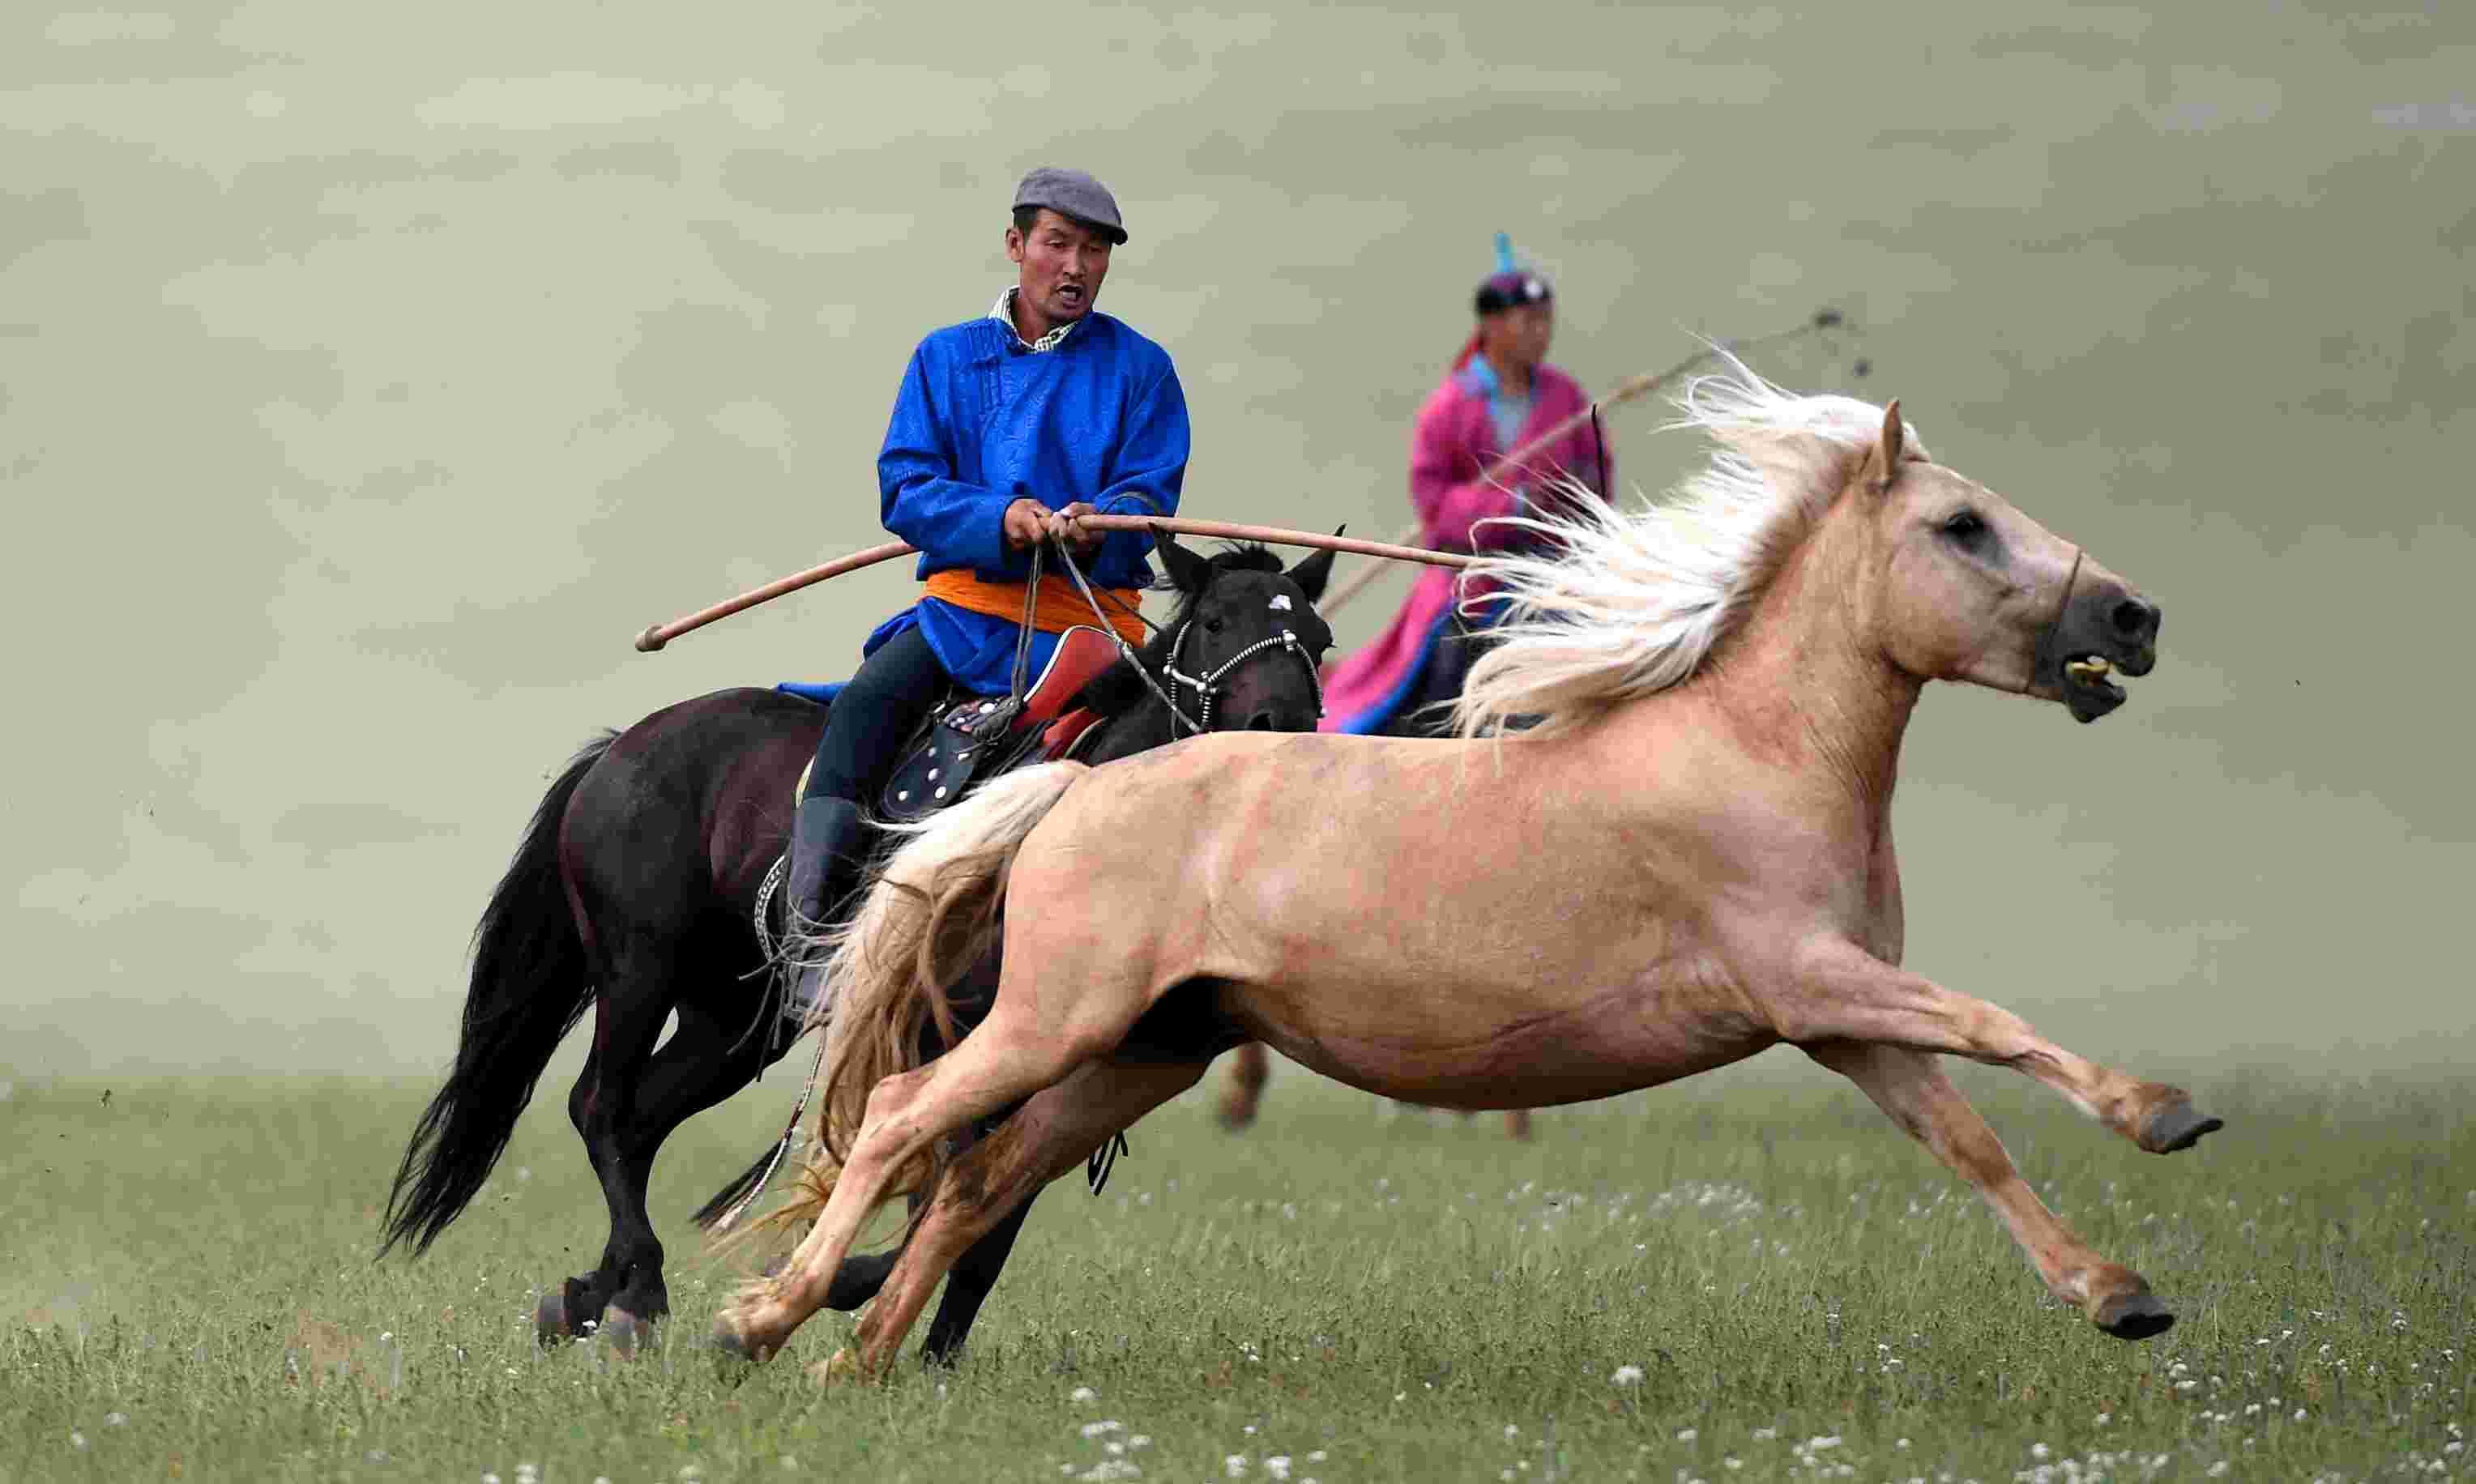 2015年7月19日   盛夏草原 激情套马   7月18日,一名蒙古族骑手在套马